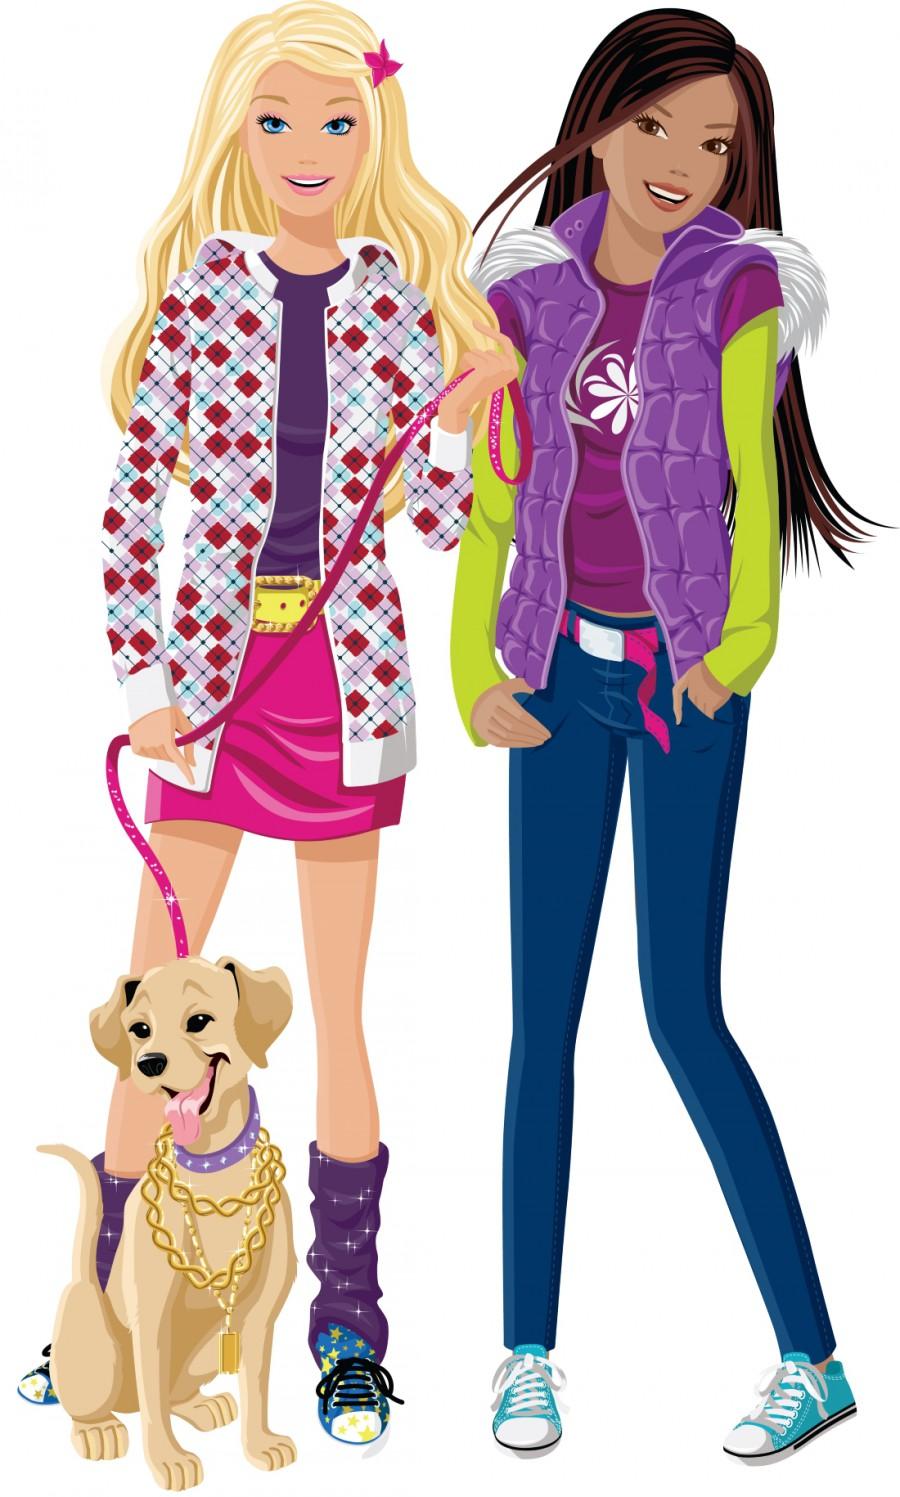 Барби с песиком и подругой - картинка №9419 | Printonic.ru